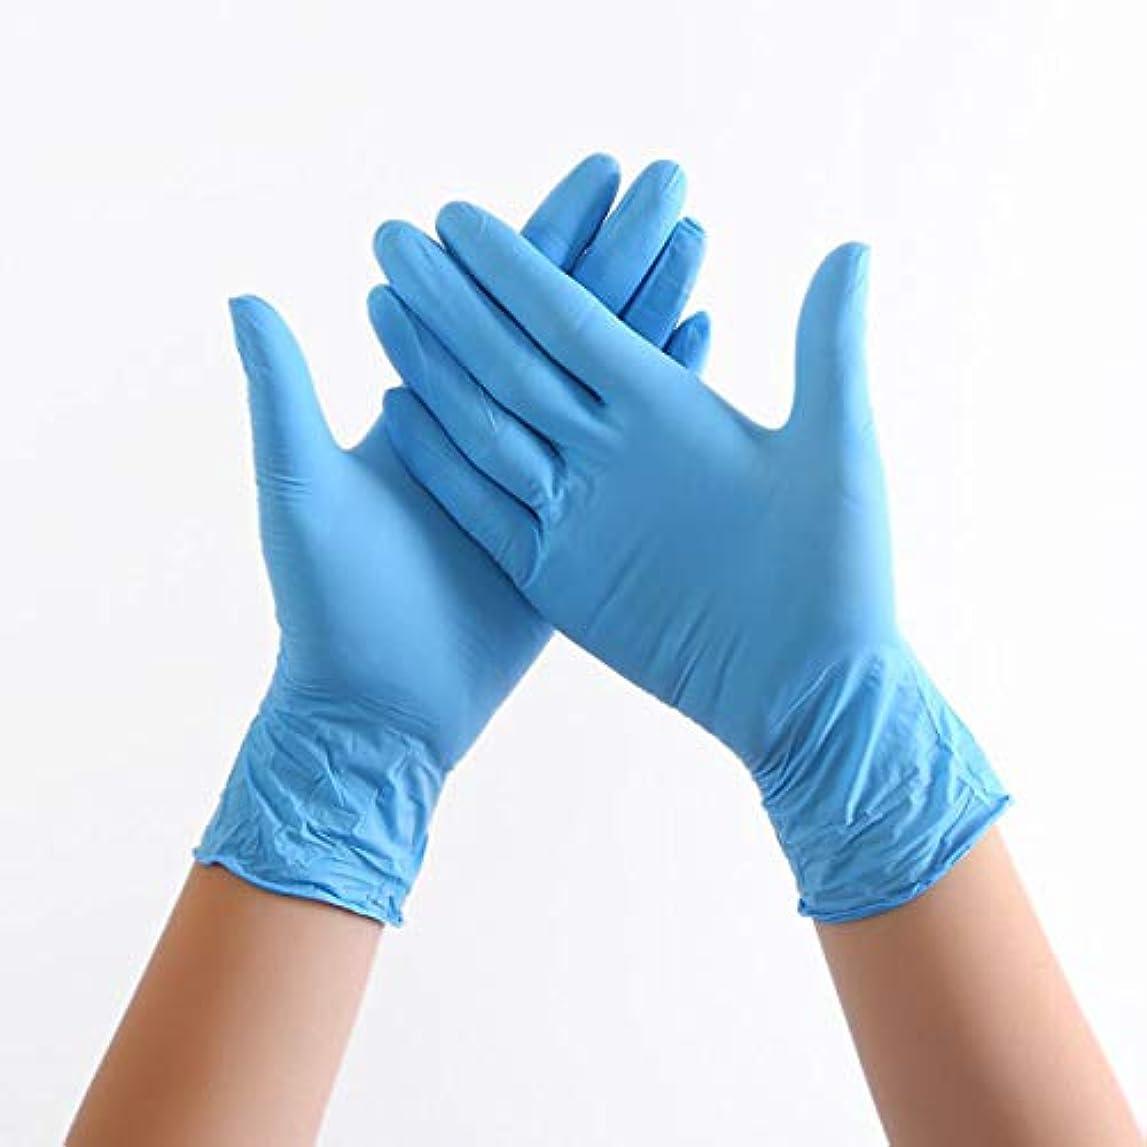 暗殺する噴火松明ニトリルグローブ 使い捨て手袋 グローブ パウダーフリー 作業 介護 調理 炊事 園芸 掃除用,Blue100,XS